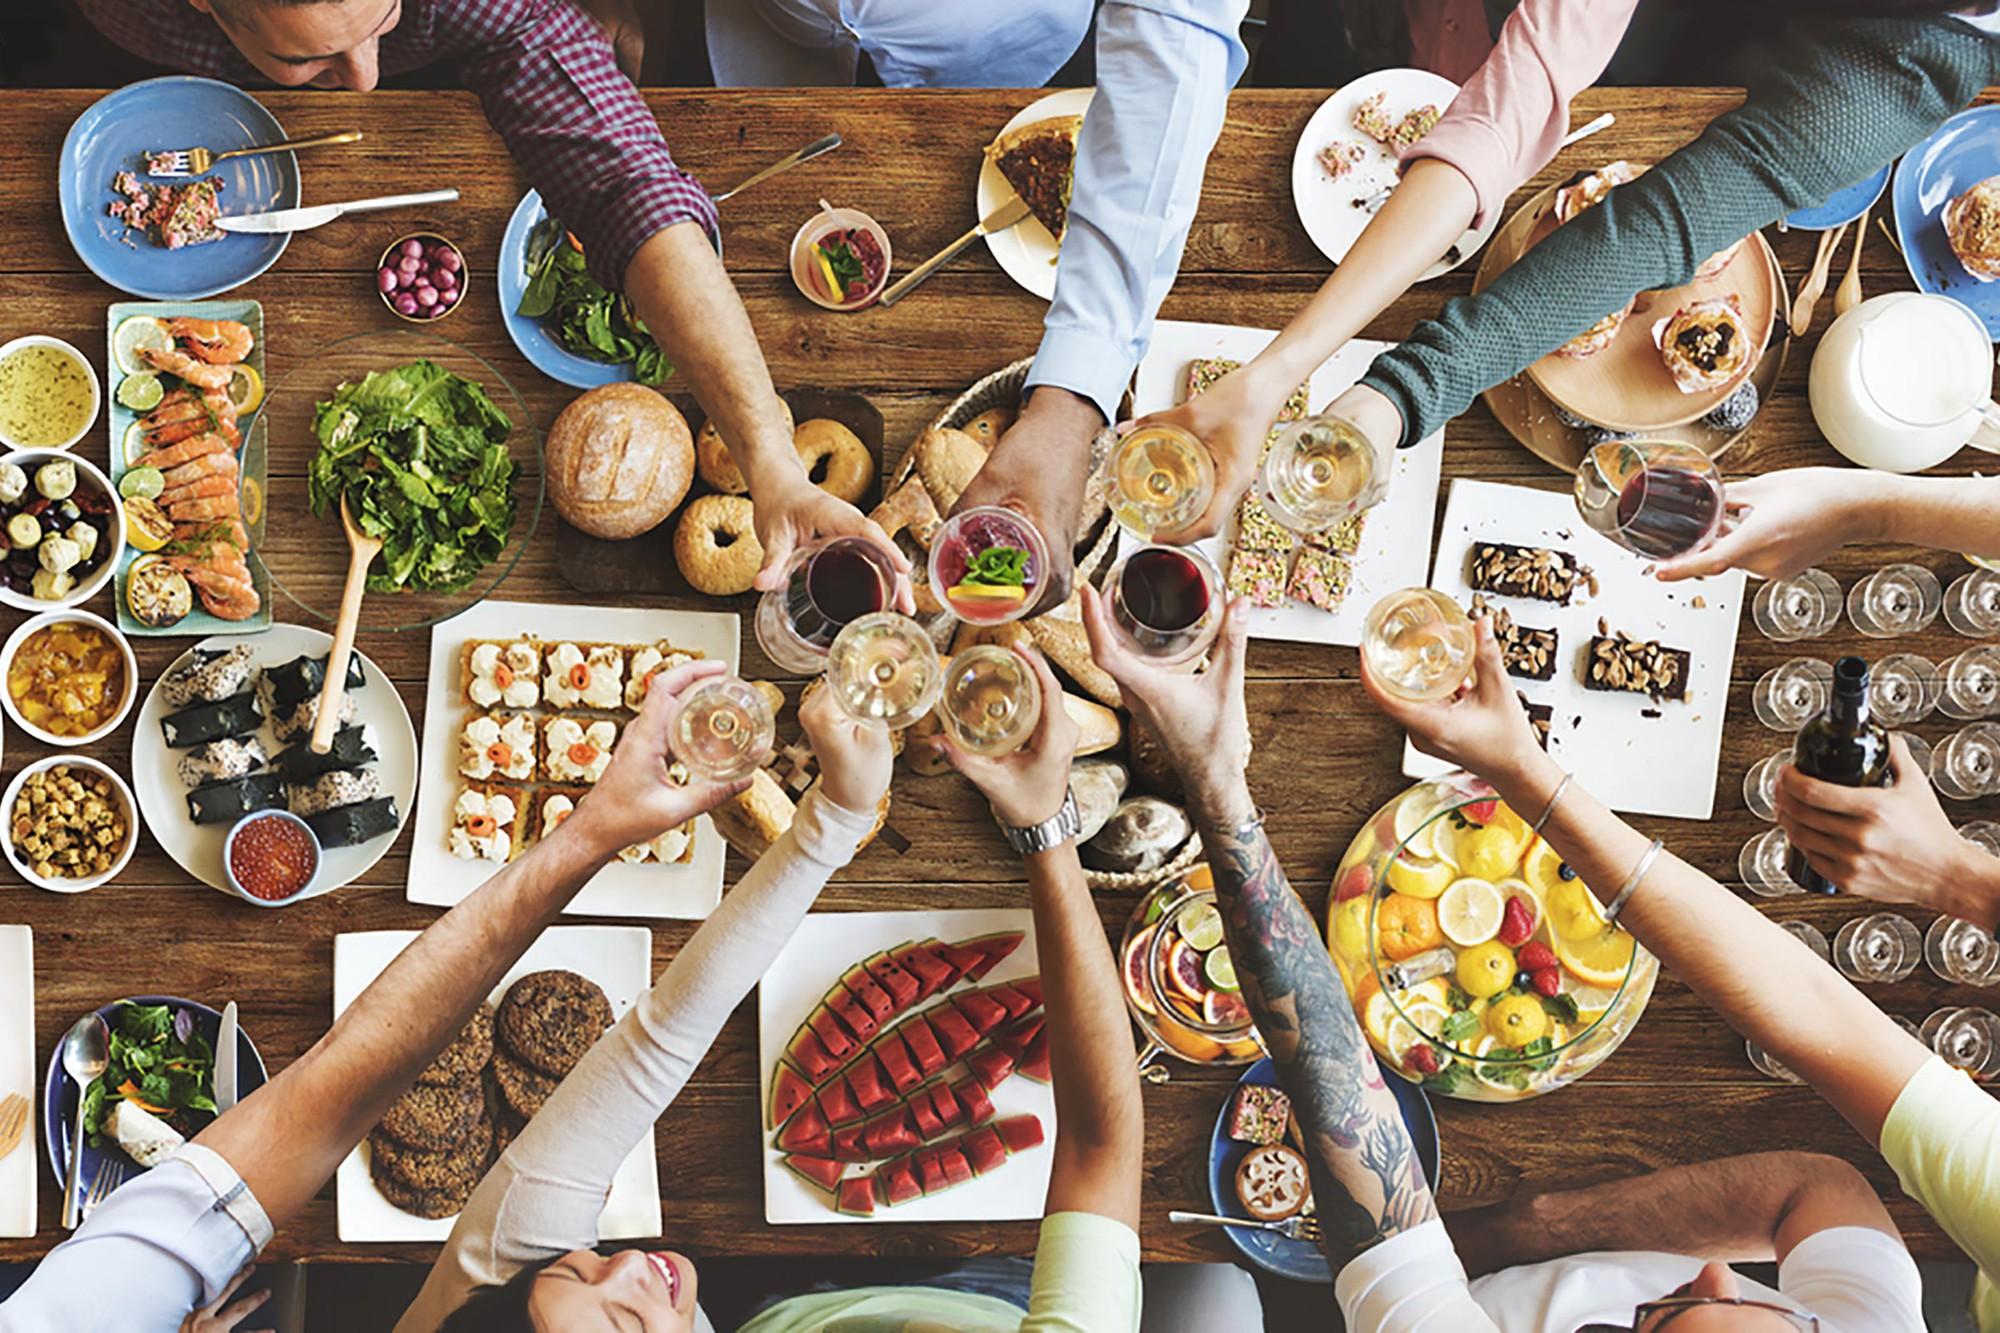 Đã dặn lòng phải giảm cân nhưng vẫn ăn uống quá độ? Đây có thể là những sai lầm bạn đang mắc phải - Ảnh 1.